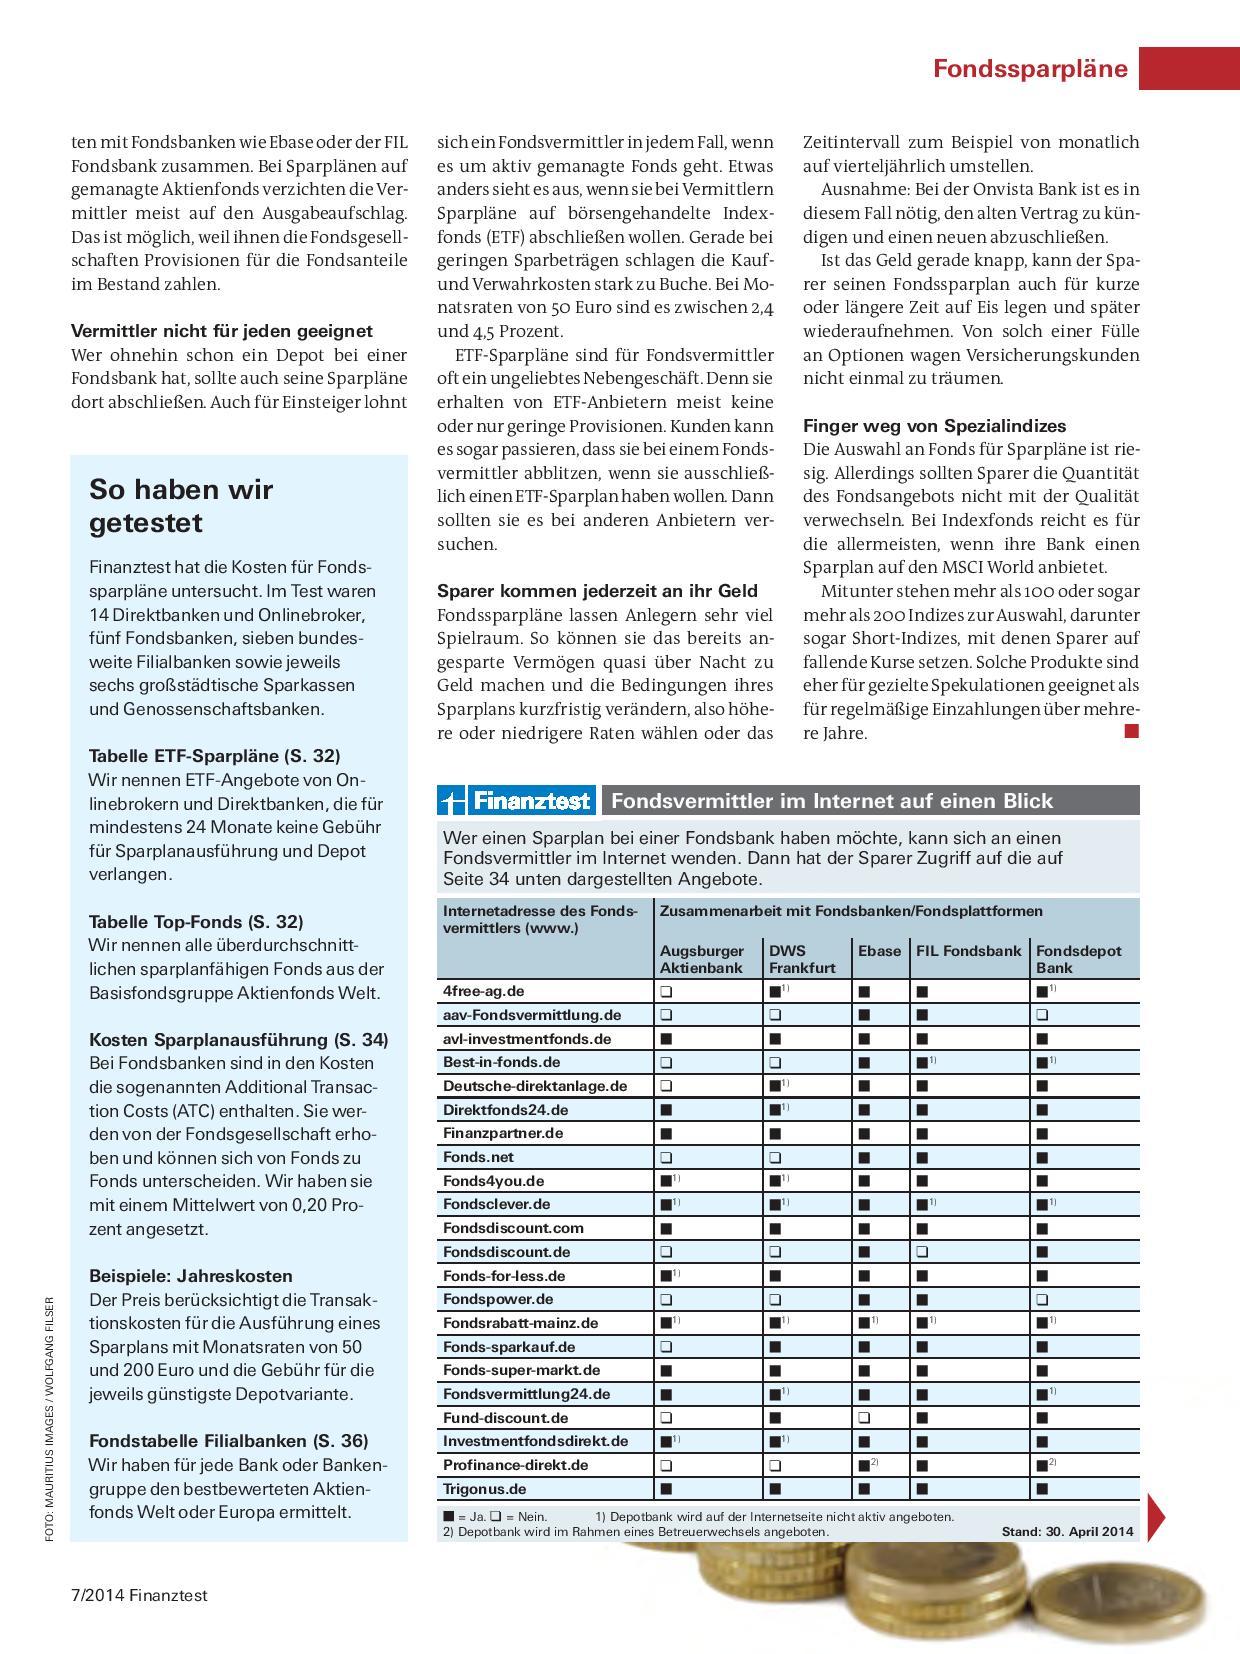 Finanztest+Fondssparplaene-page-004